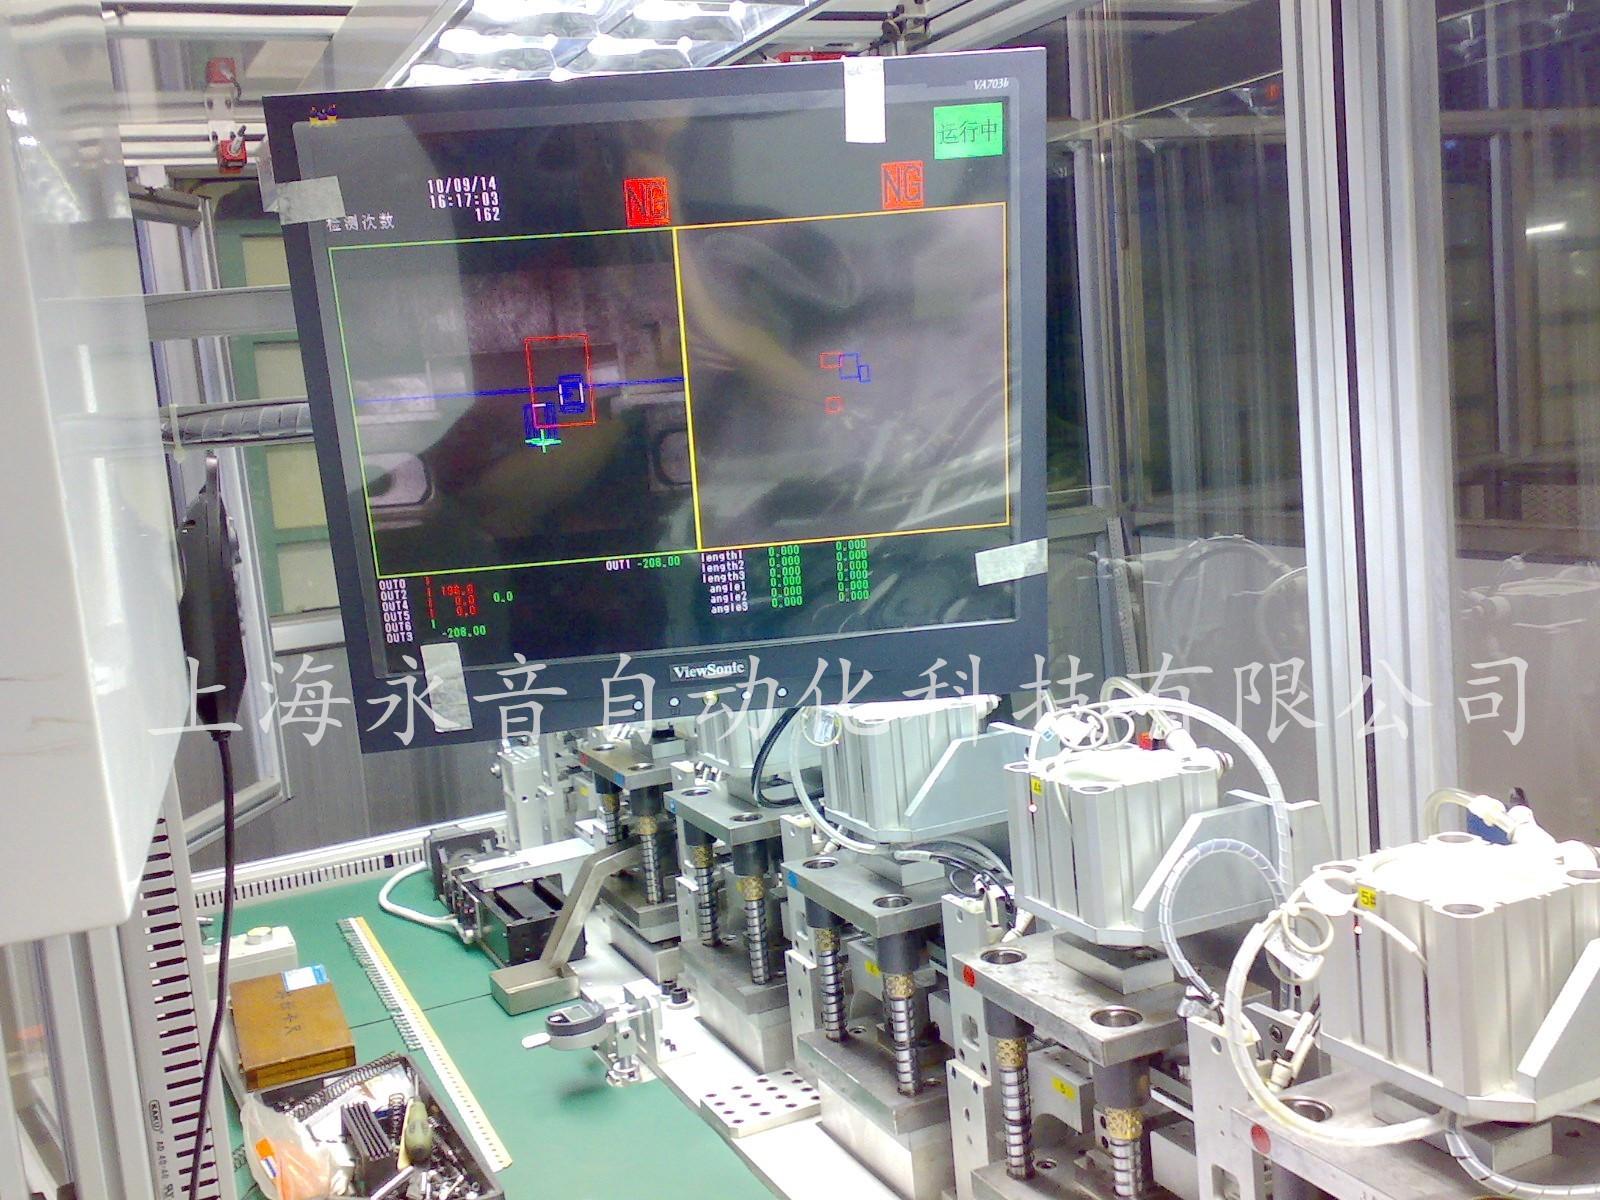 CCD视觉自动检测的价值